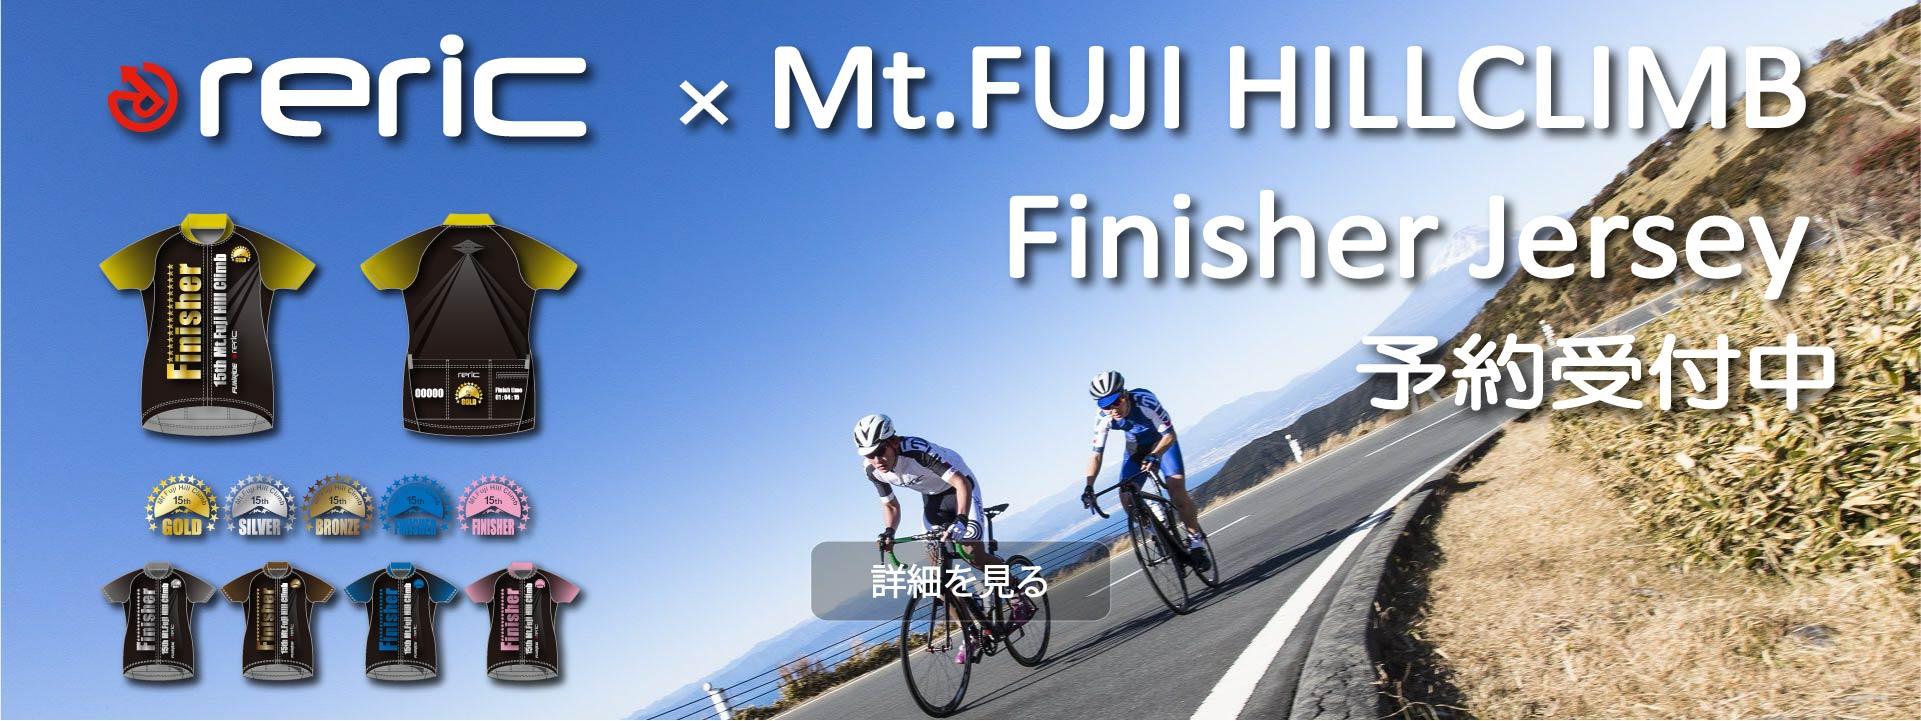 reric × Mt.FUJI HILLCLIMB フィニッシャージャージ予約受付中